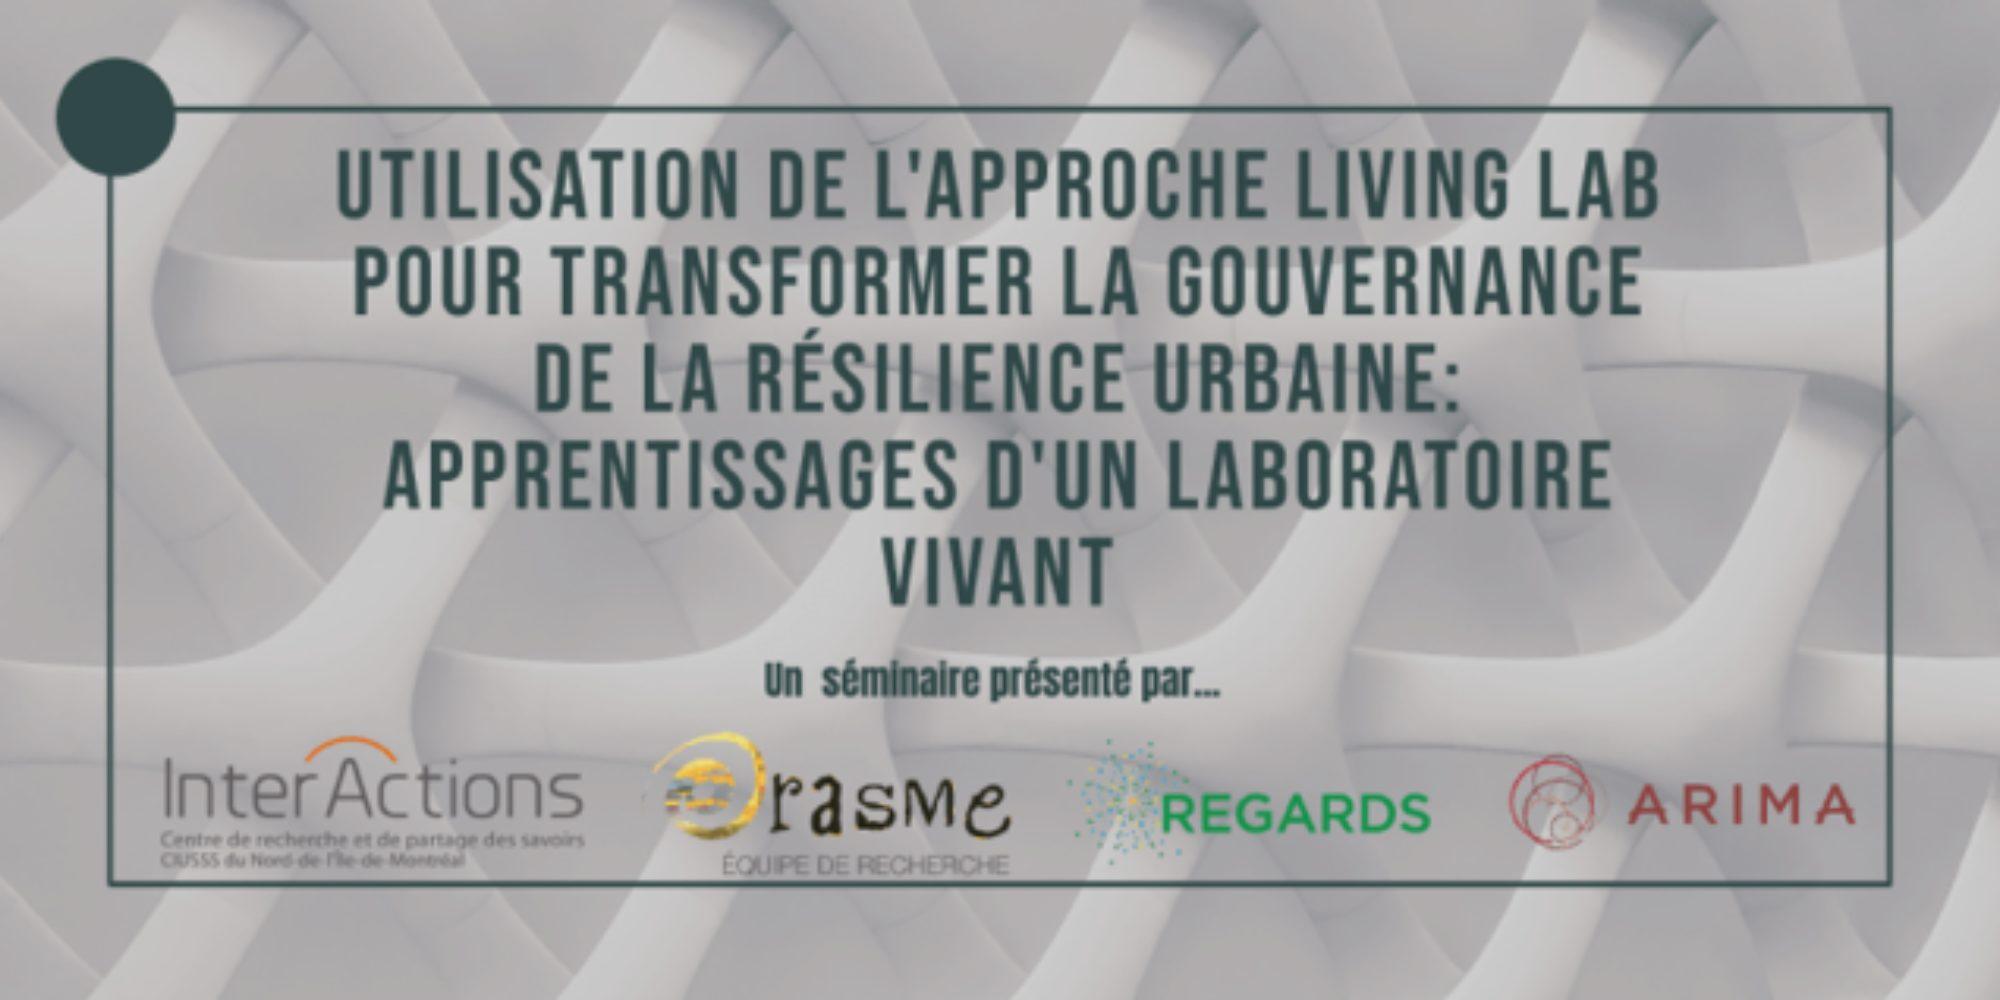 Utilisation de l'approche Living LAB pour transformer la gouvernance de la résilience urbaine : apprentissages d'un laboratoire vivant